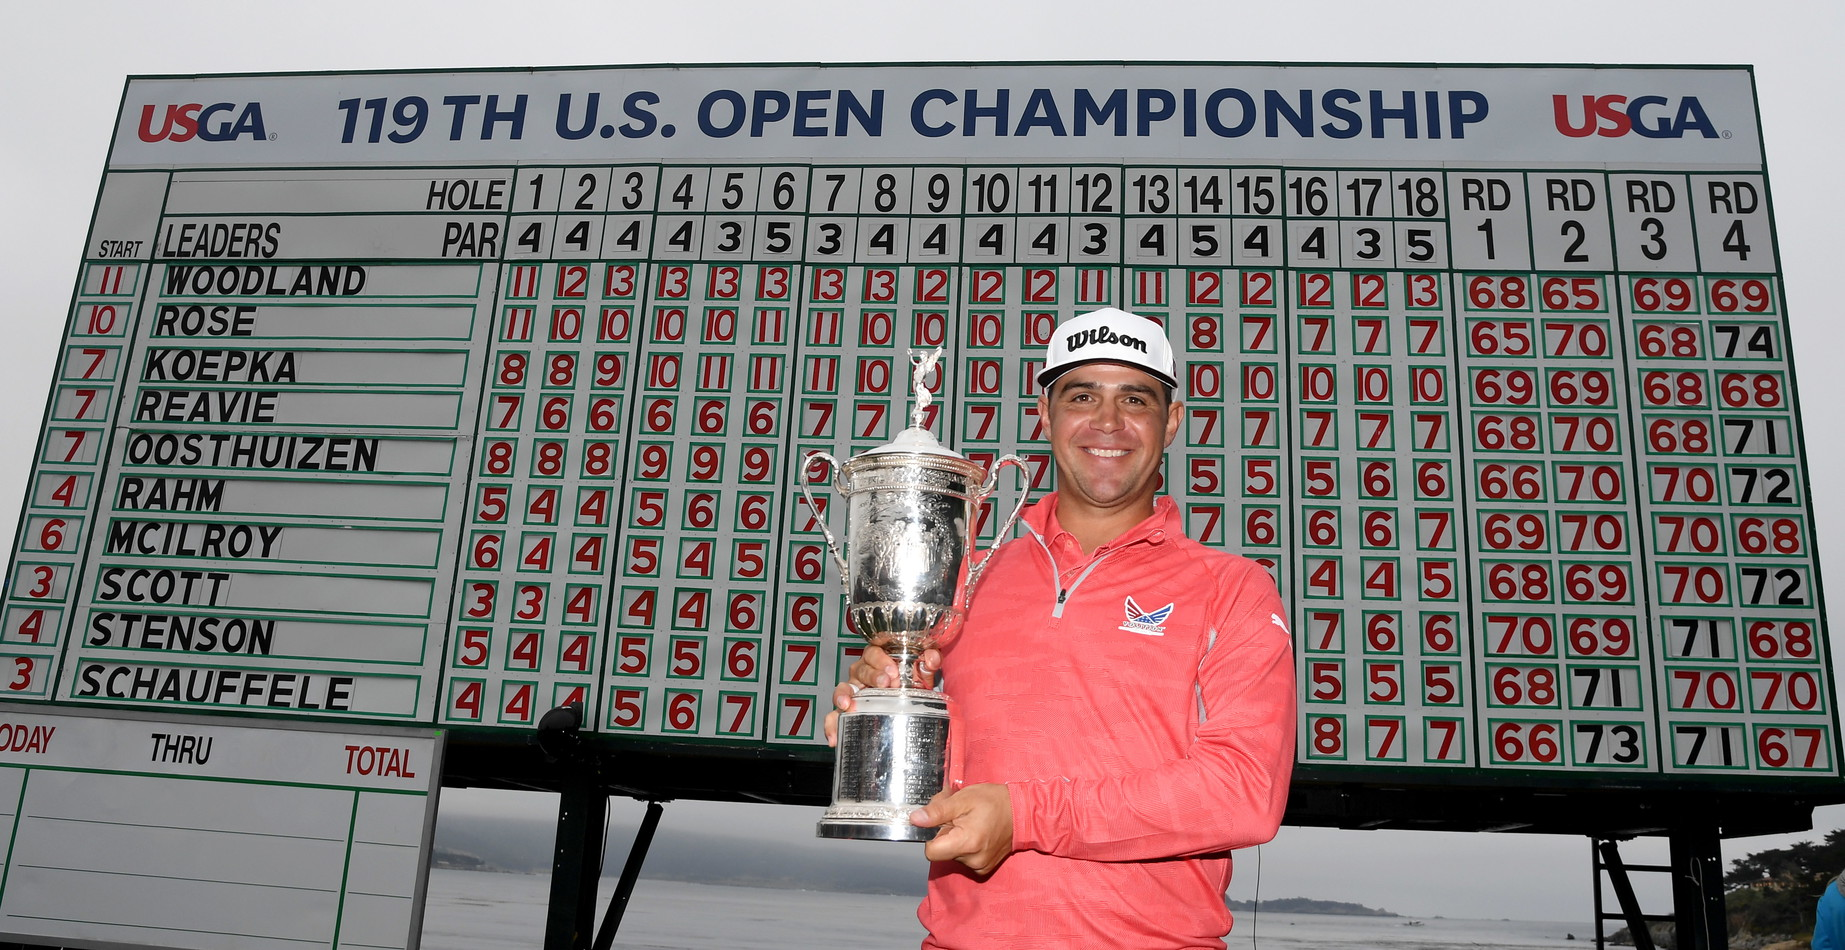 Us Open golf: Gary Woodland